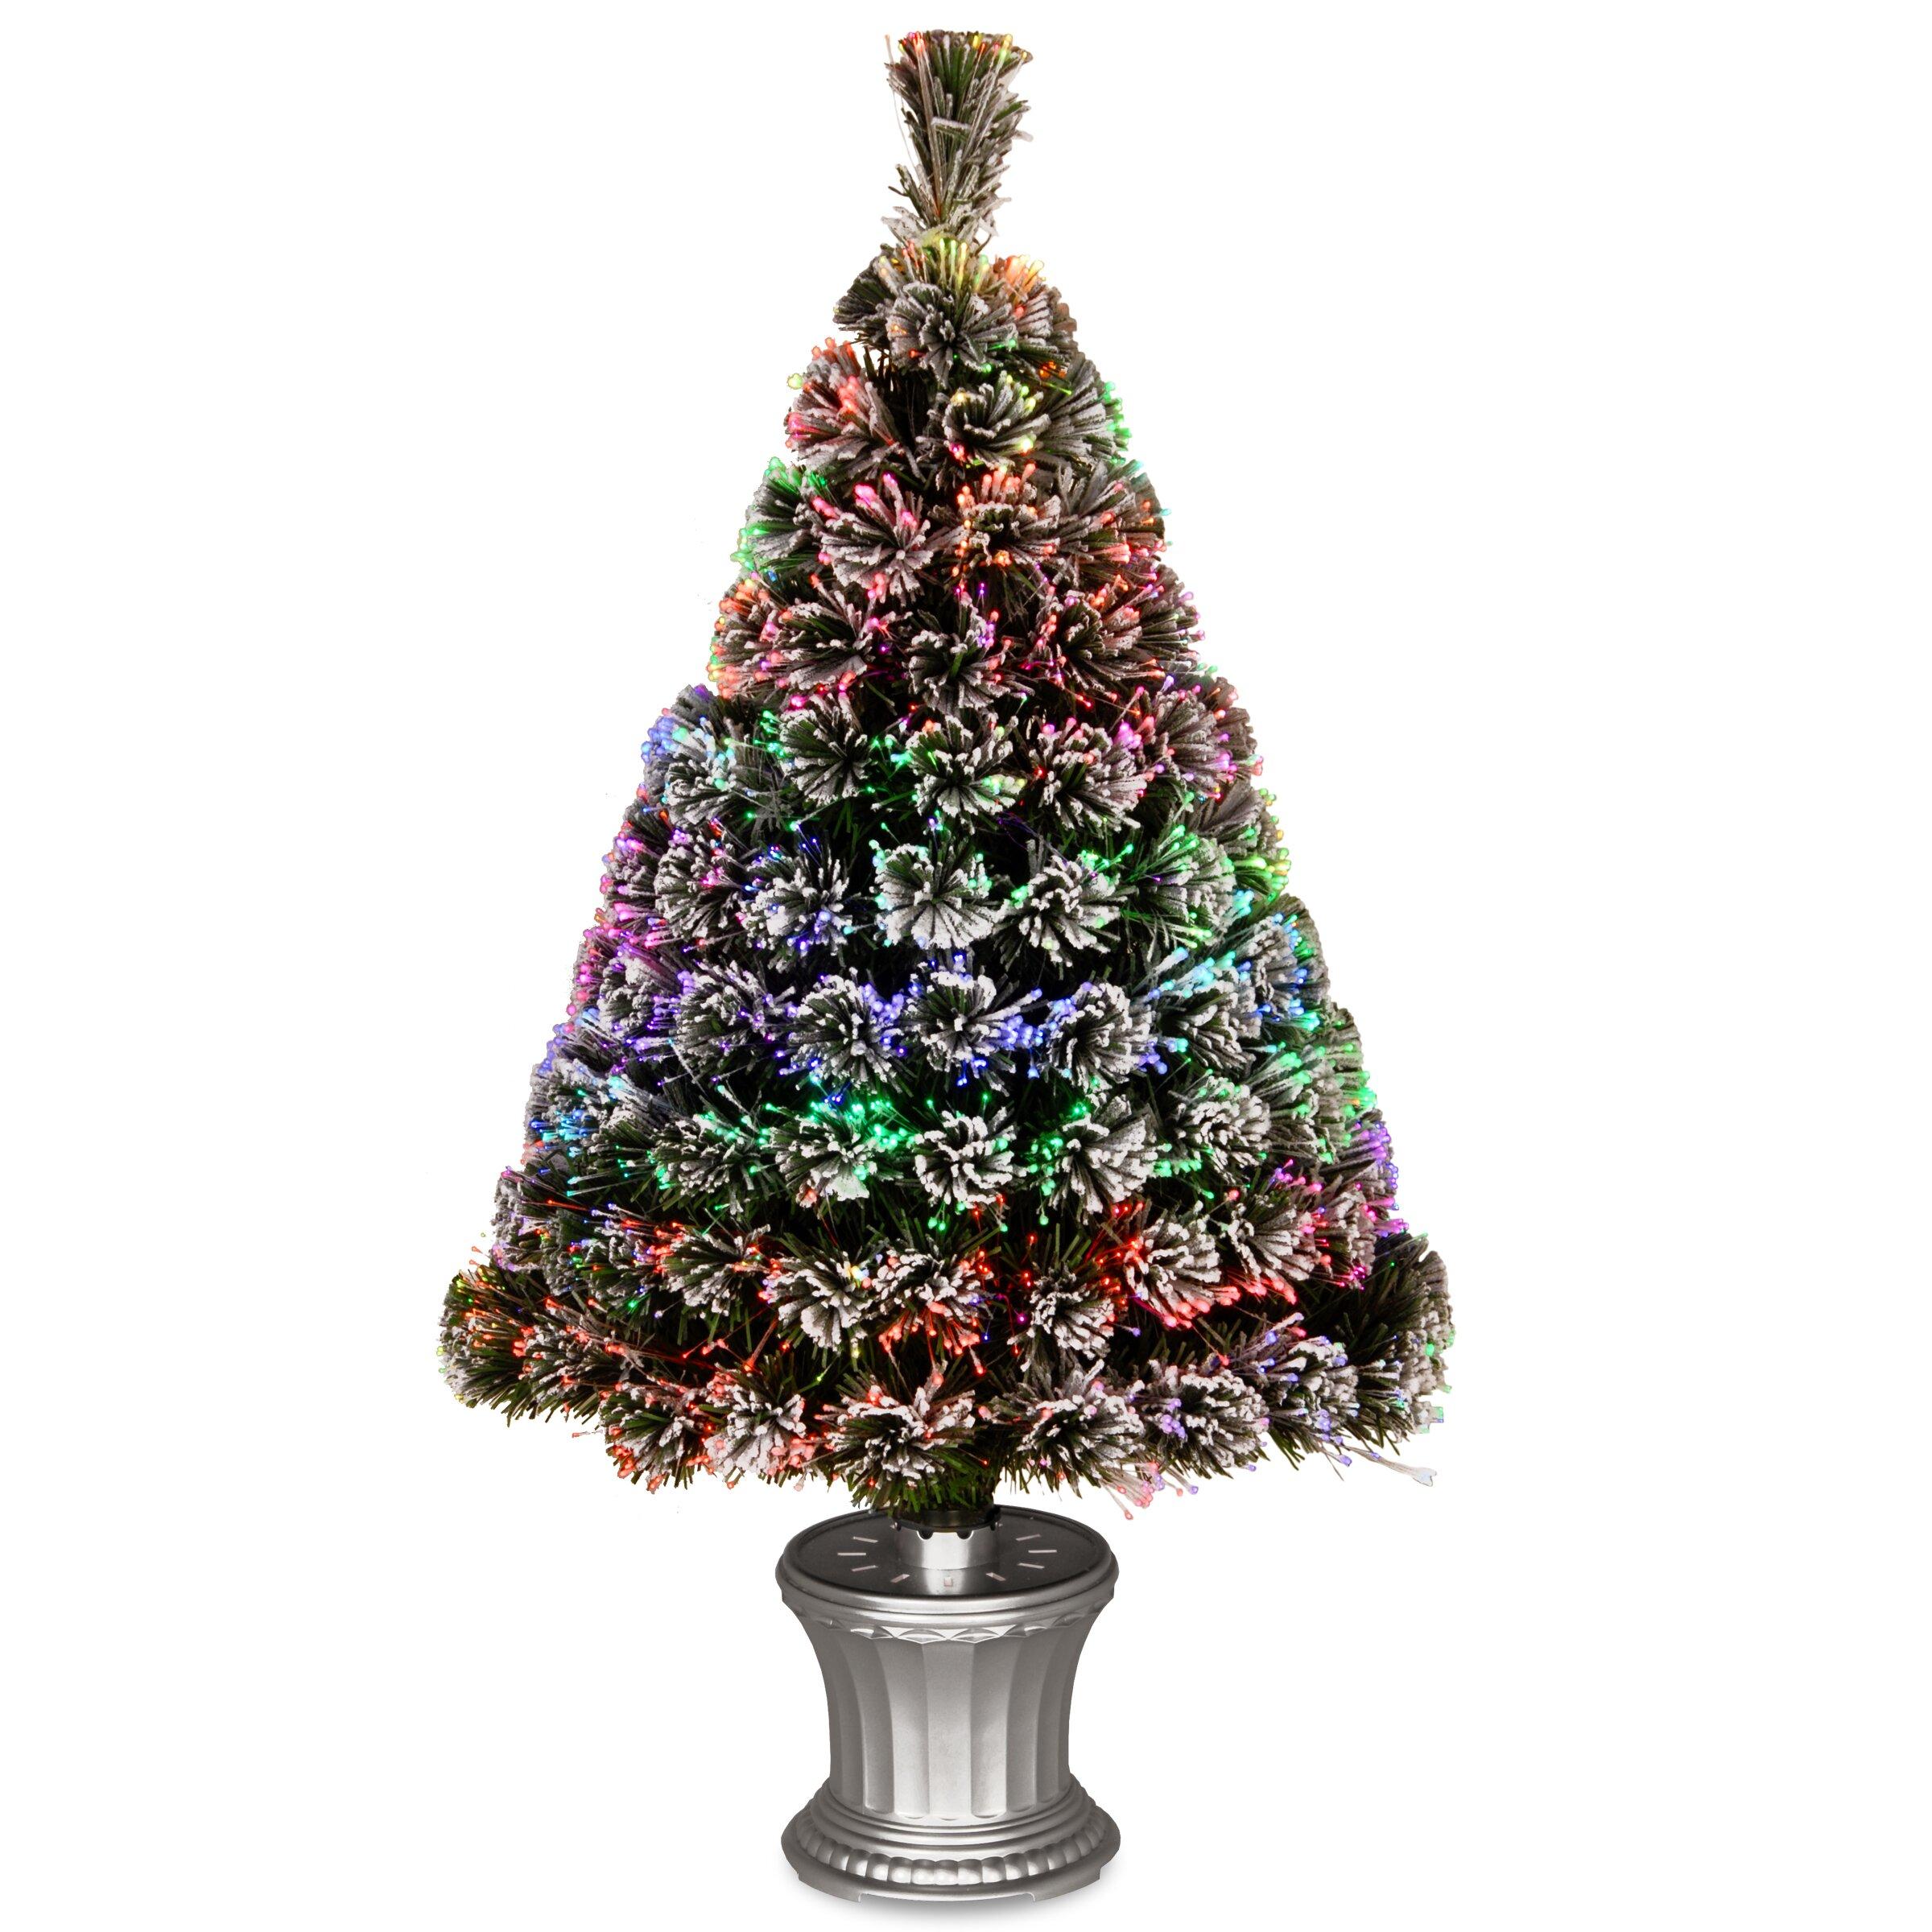 National Tree Co Fiber Optics 3 Artificial Christmas